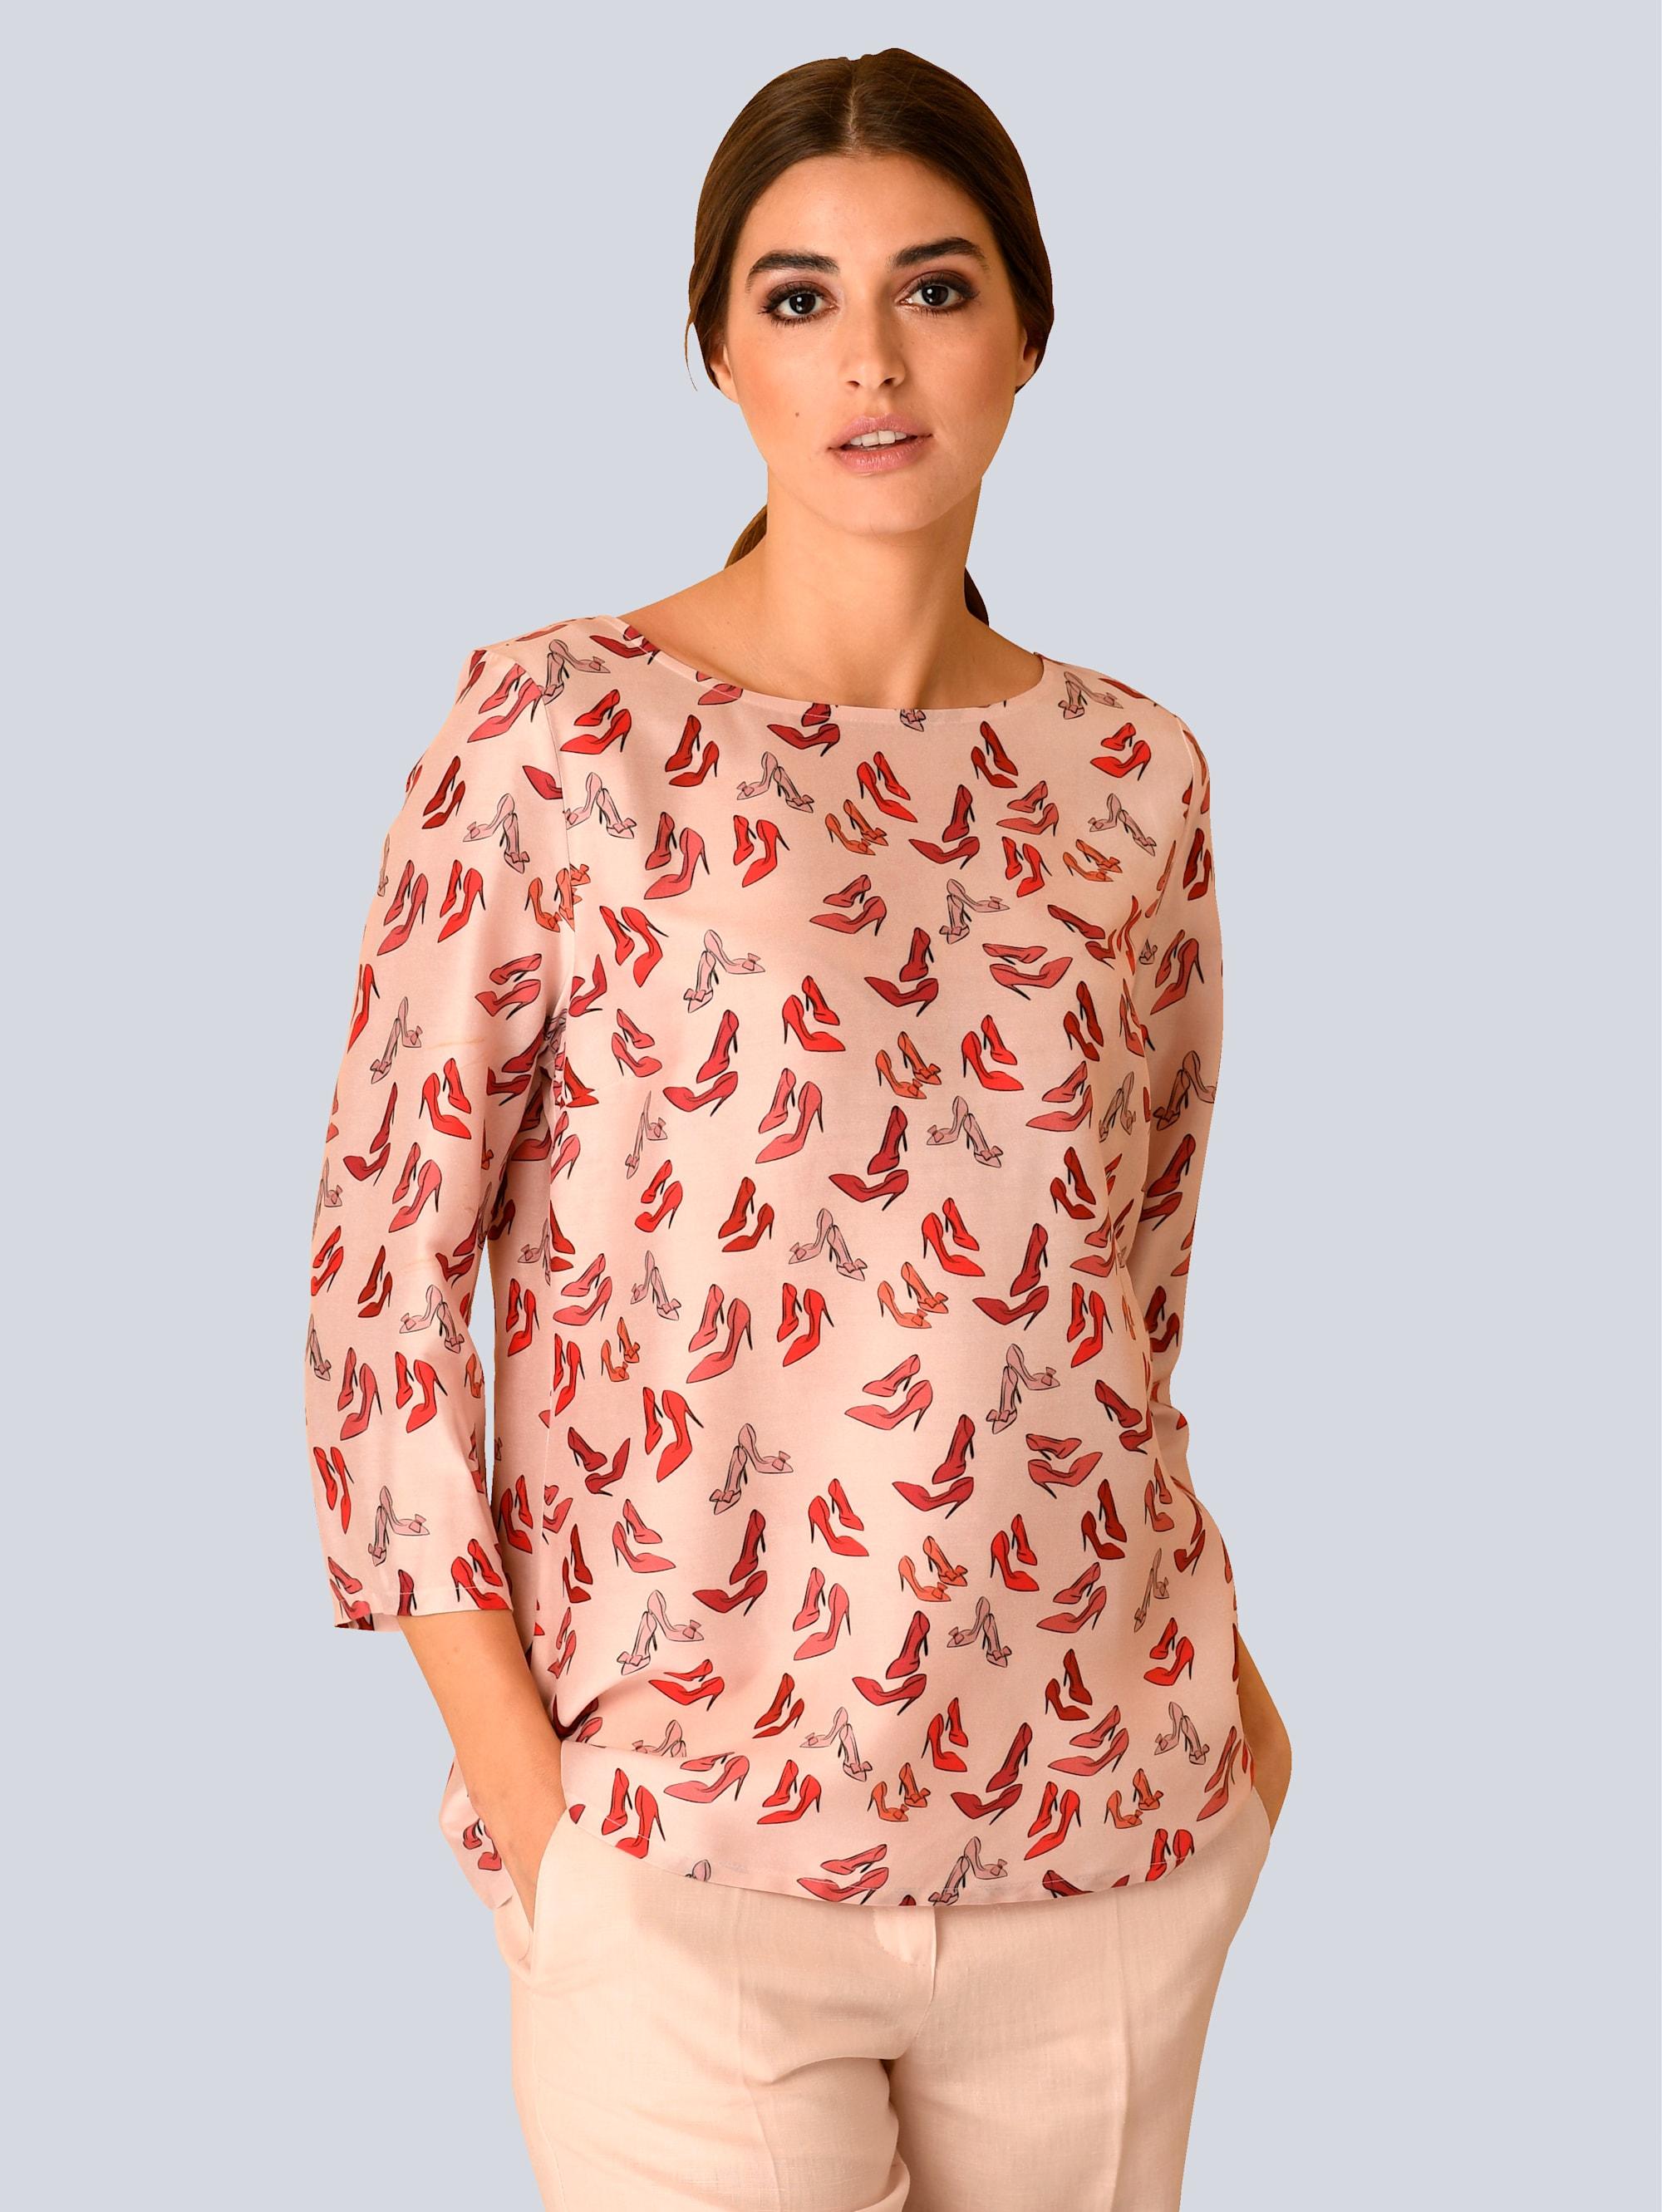 Alba Moda Bluse mit modischen Pumps Print rfBhS qhhkc